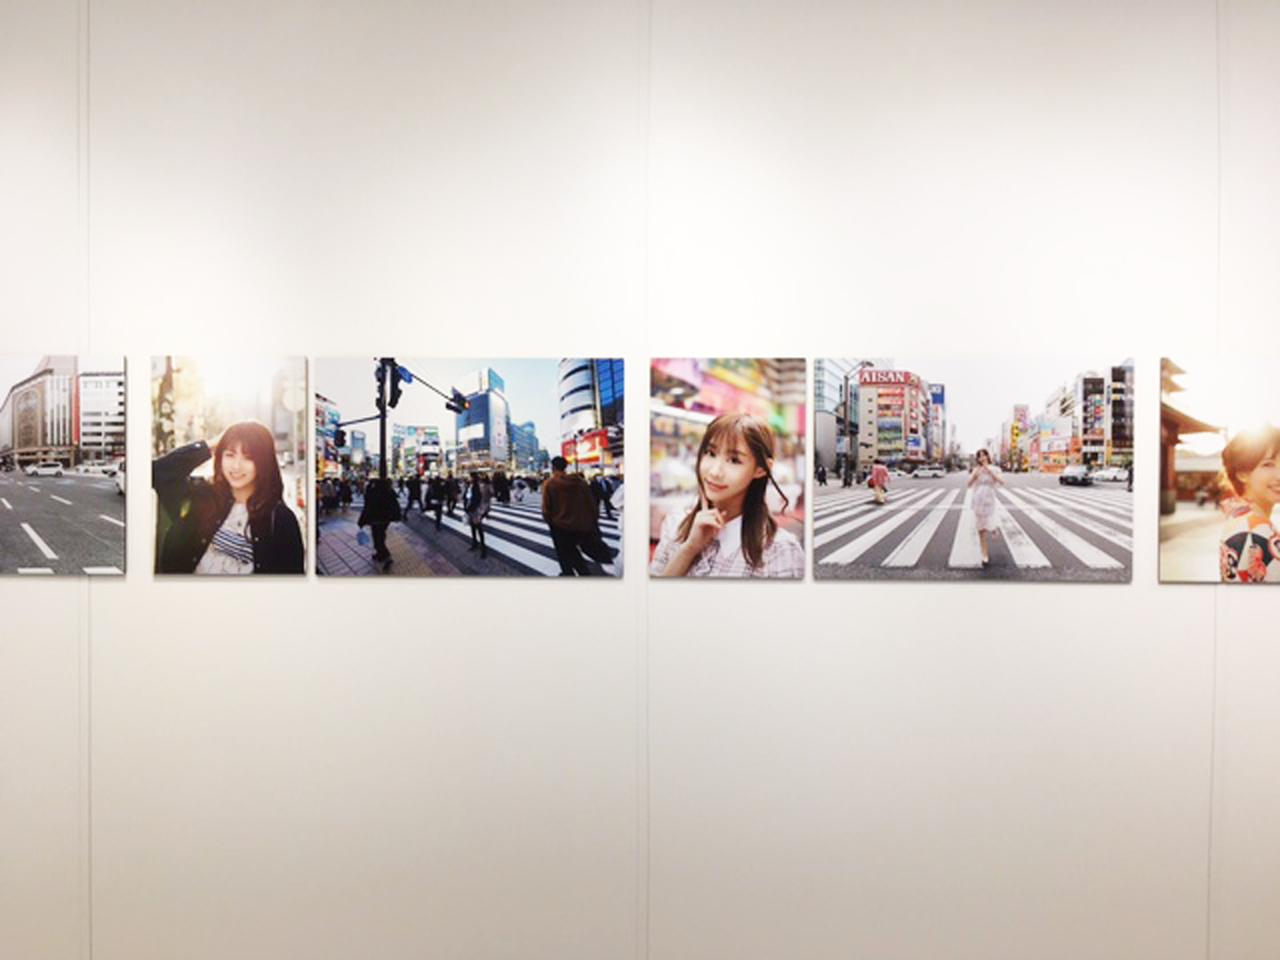 画像: 近井沙妃写真展『MINISUKA POLICE トーキョーパトロール』。近井沙妃さんって? はい、写真家・山岸伸氏に師事する~山岸事務所に所属する~新進気鋭の写真家さんです。